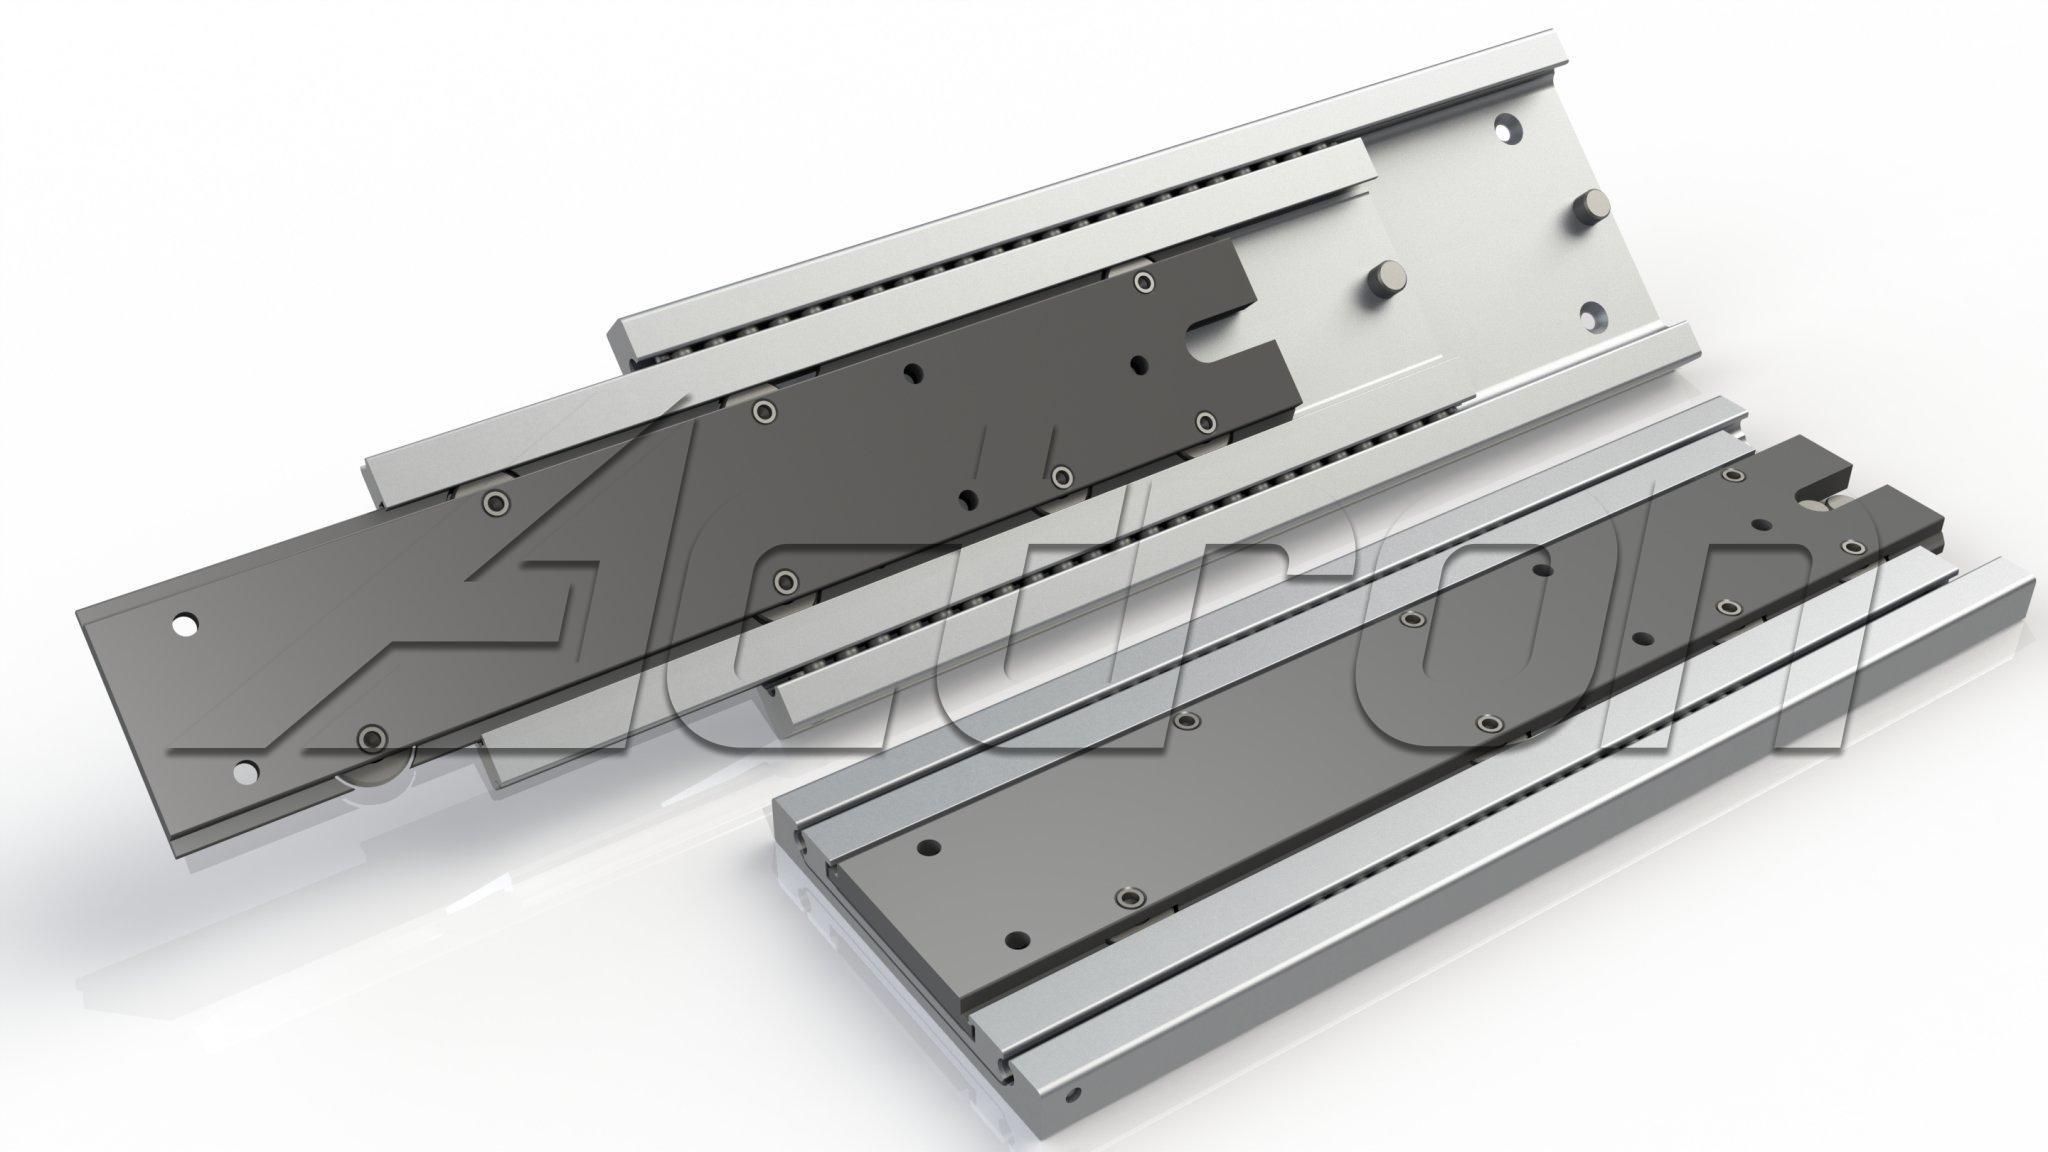 slide-assy-8211-aluminum-50-8243-x-3-50-8243-4940-a5730.jpg